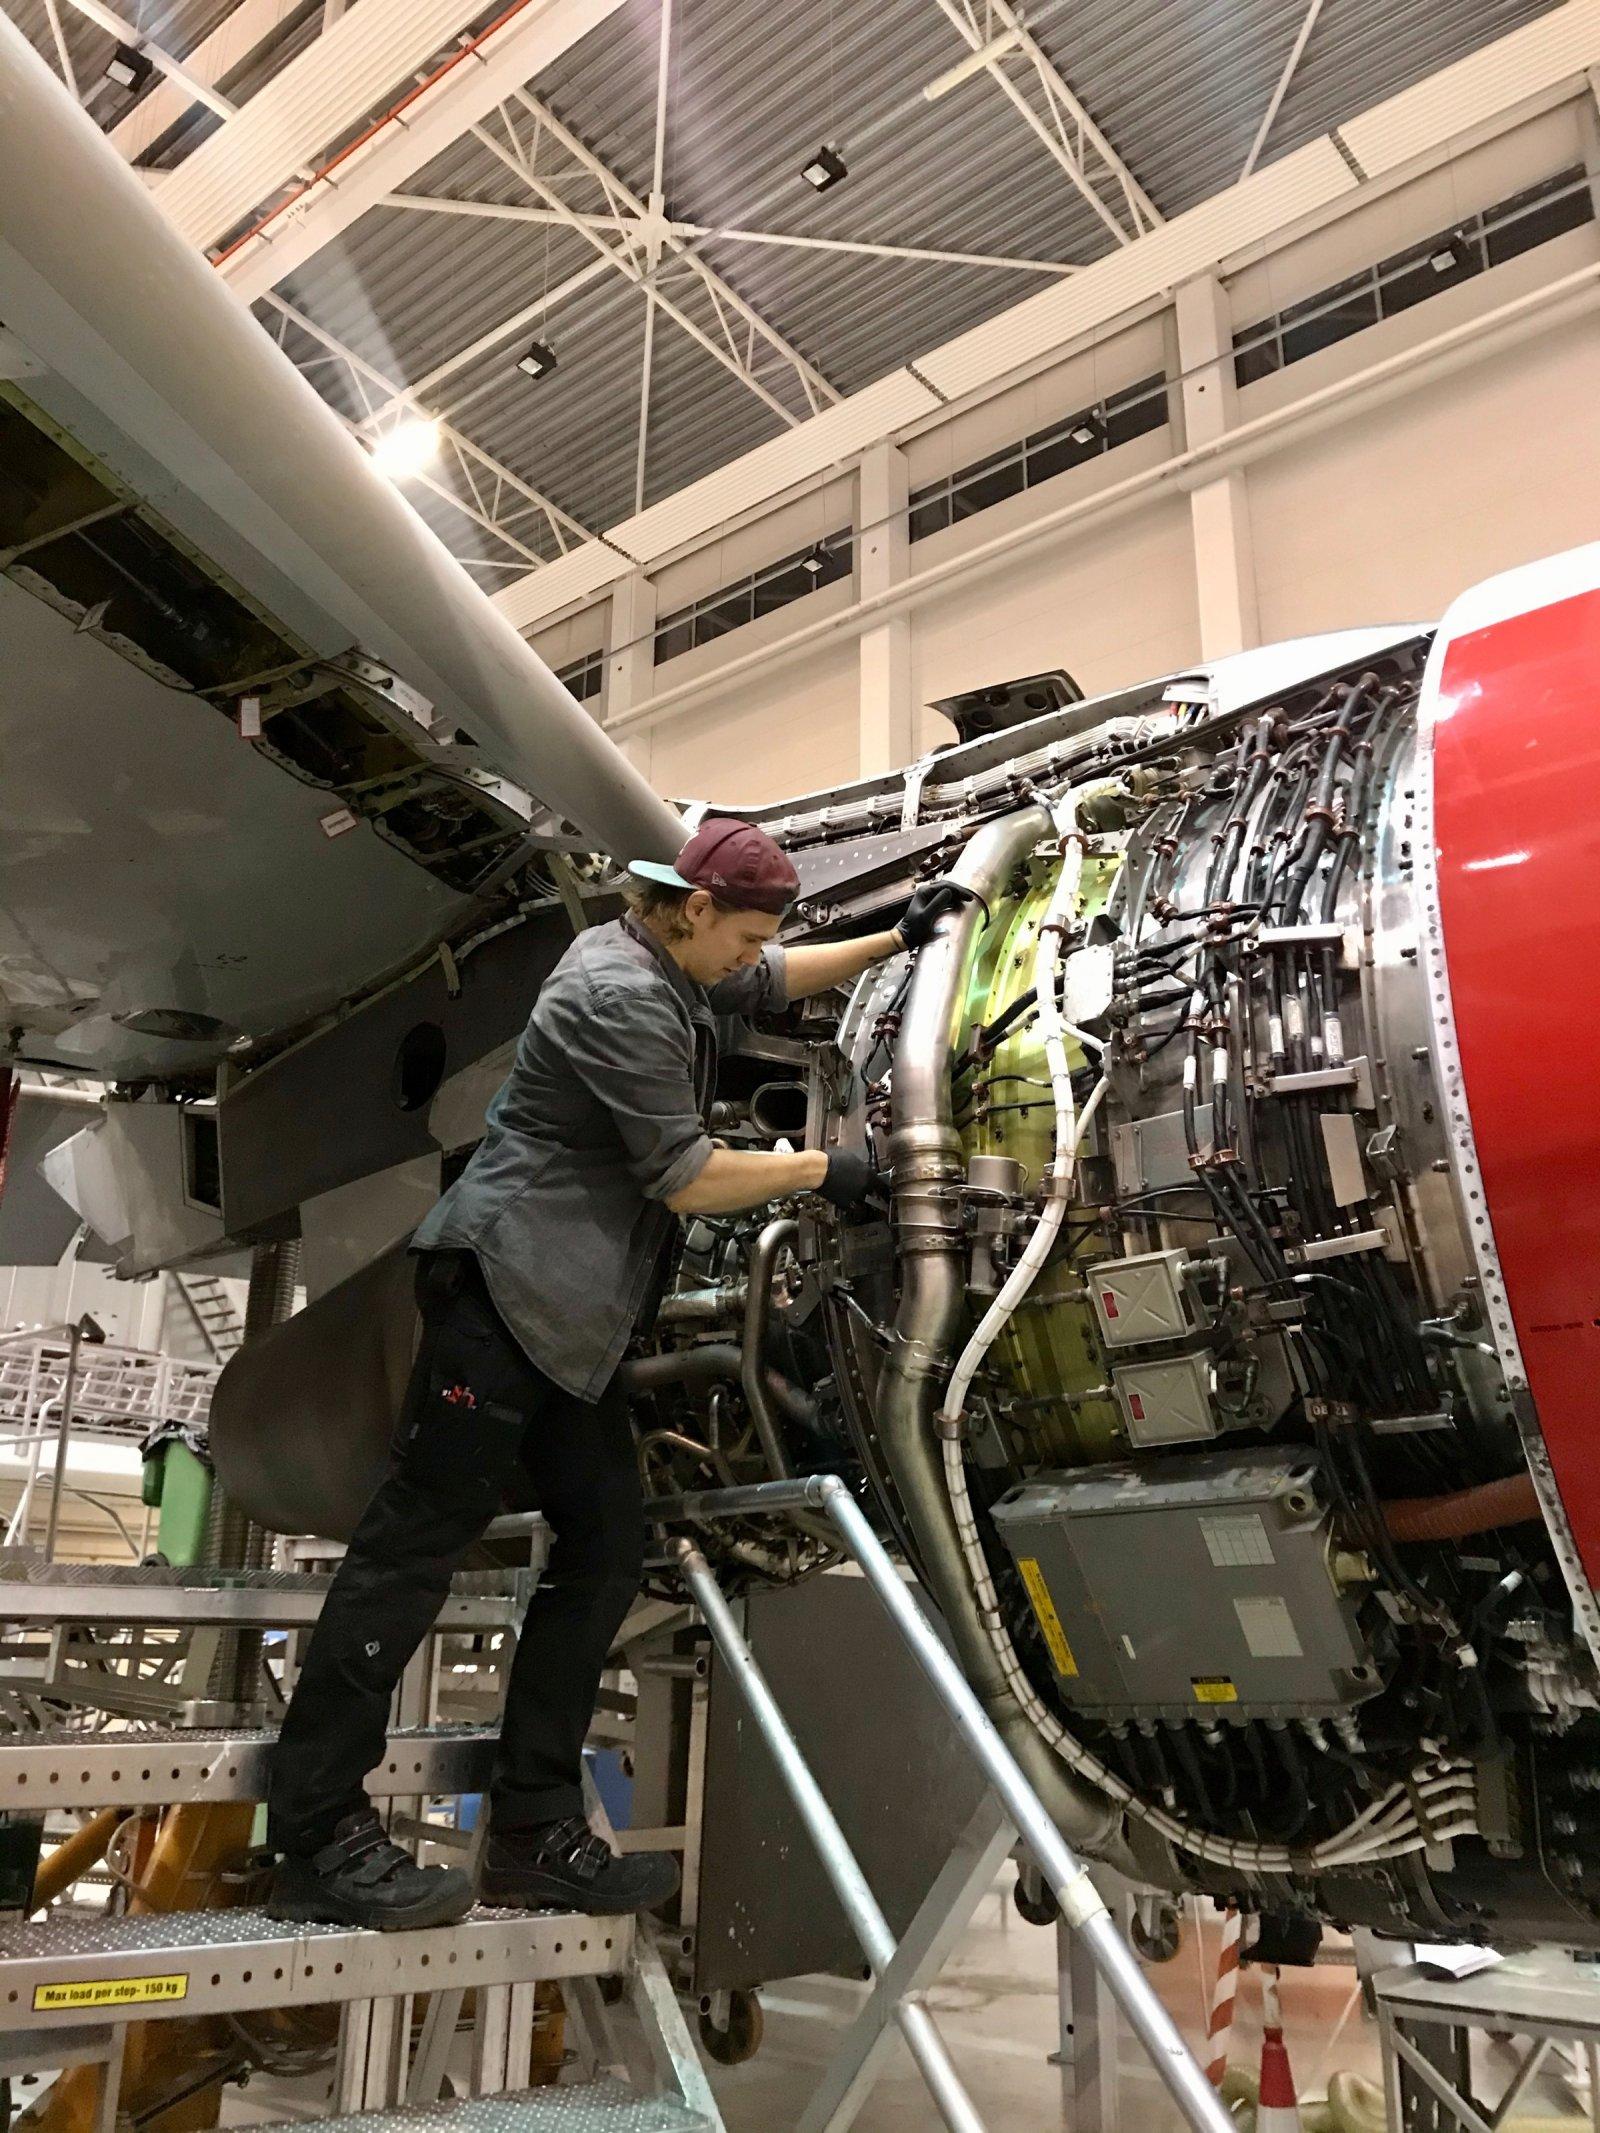 Järgmine Eesti ettevõte läheb sama teed, mis Cleveron:  ka Magnetic MRO hakkab taas ise lennumehhaanikuid välja koolitama